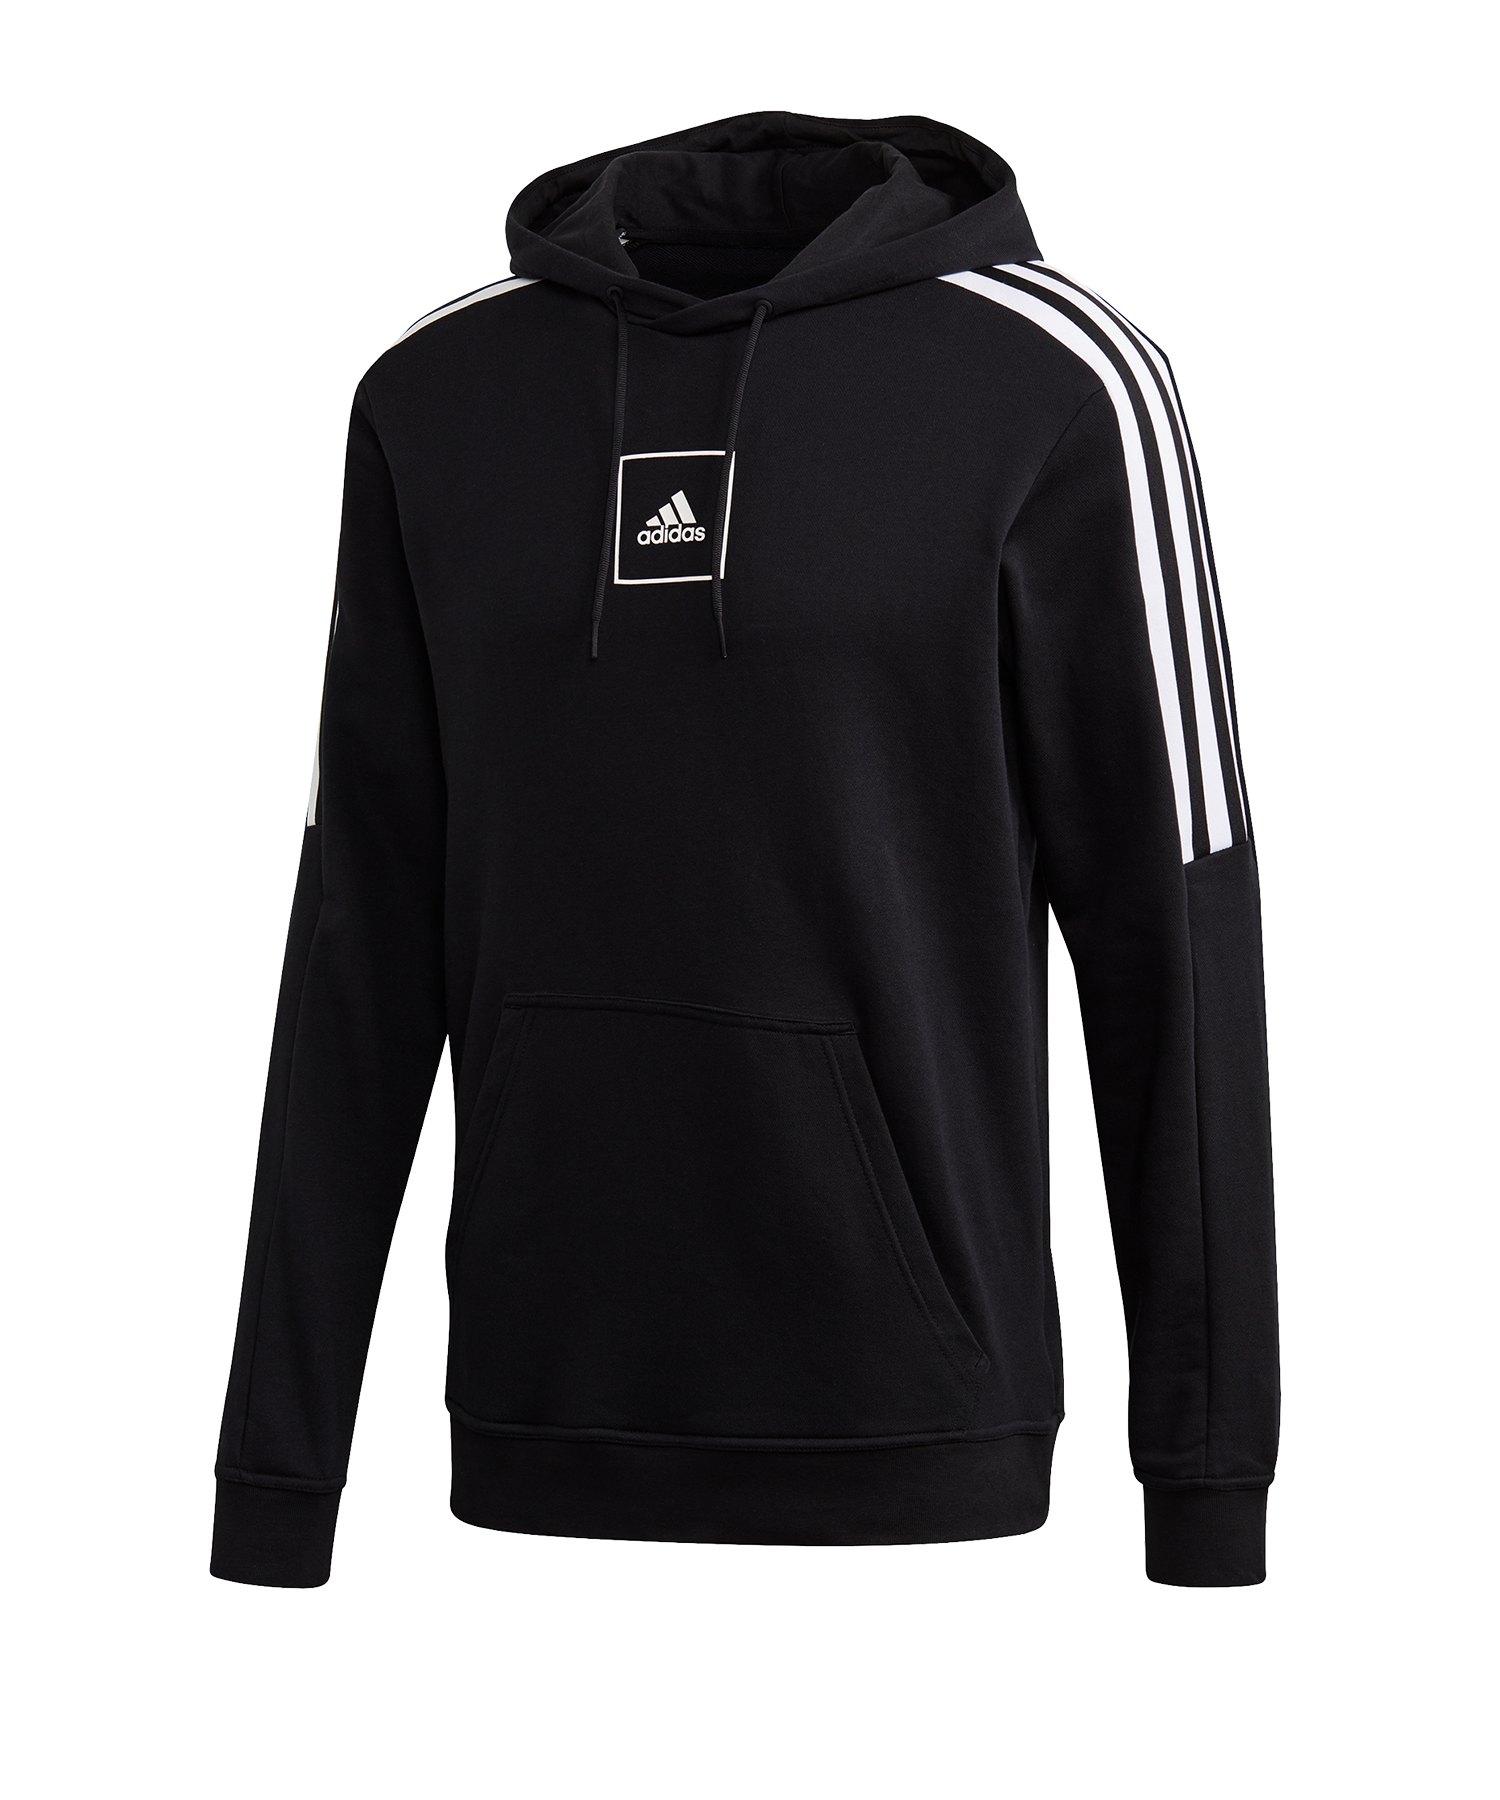 adidas Tape Kapuzensweatshirt 3 Stripes Schwarz - schwarz